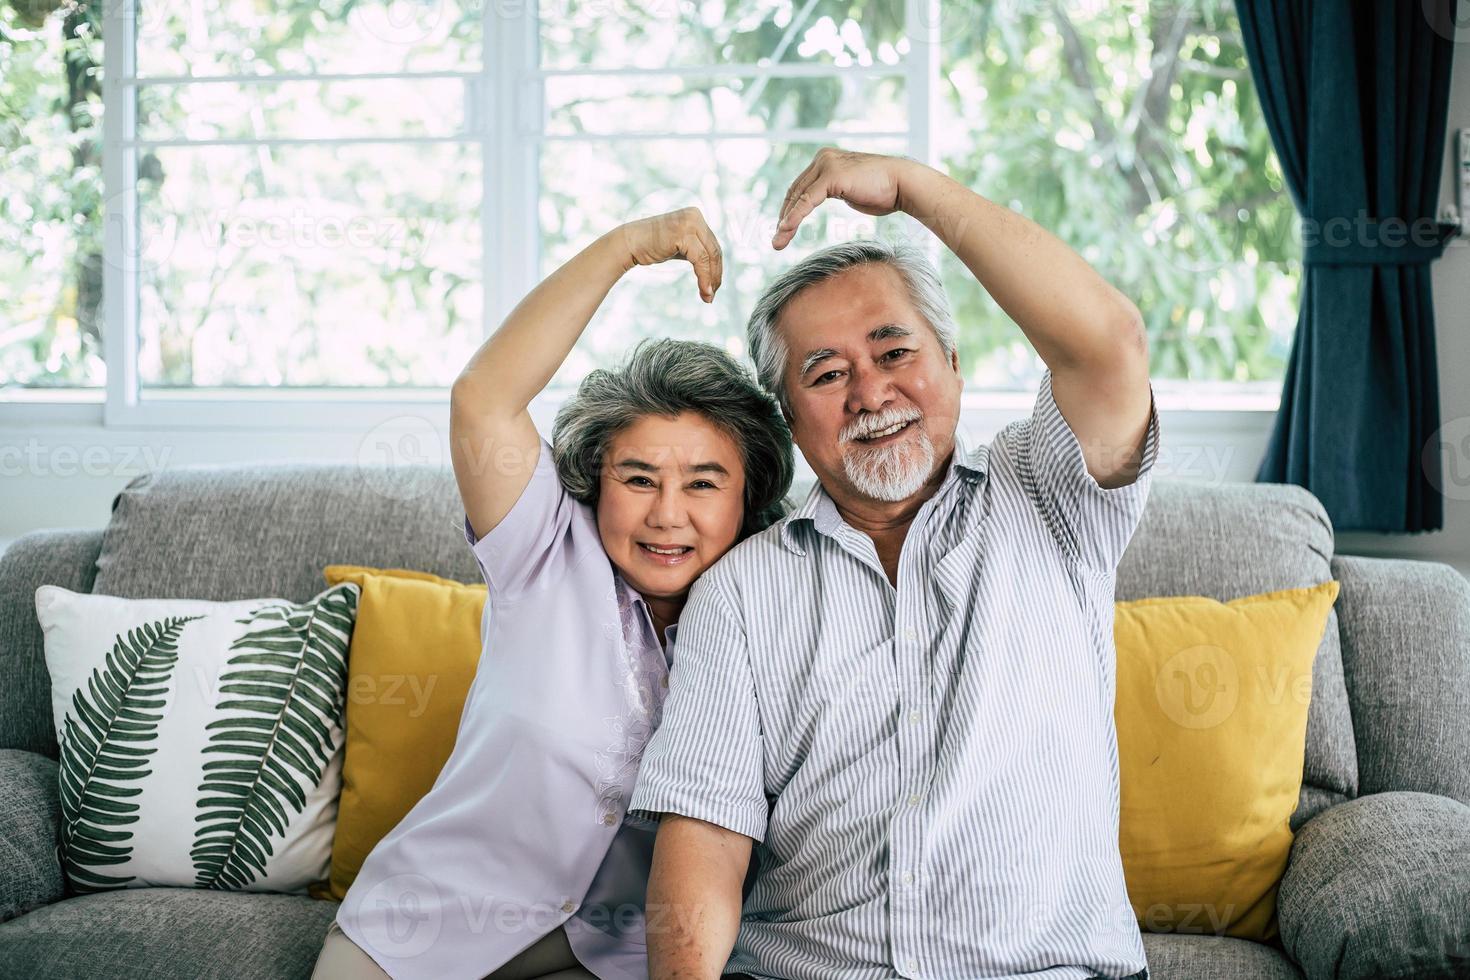 älteres Paar zusammen in ihrem Wohnzimmer foto